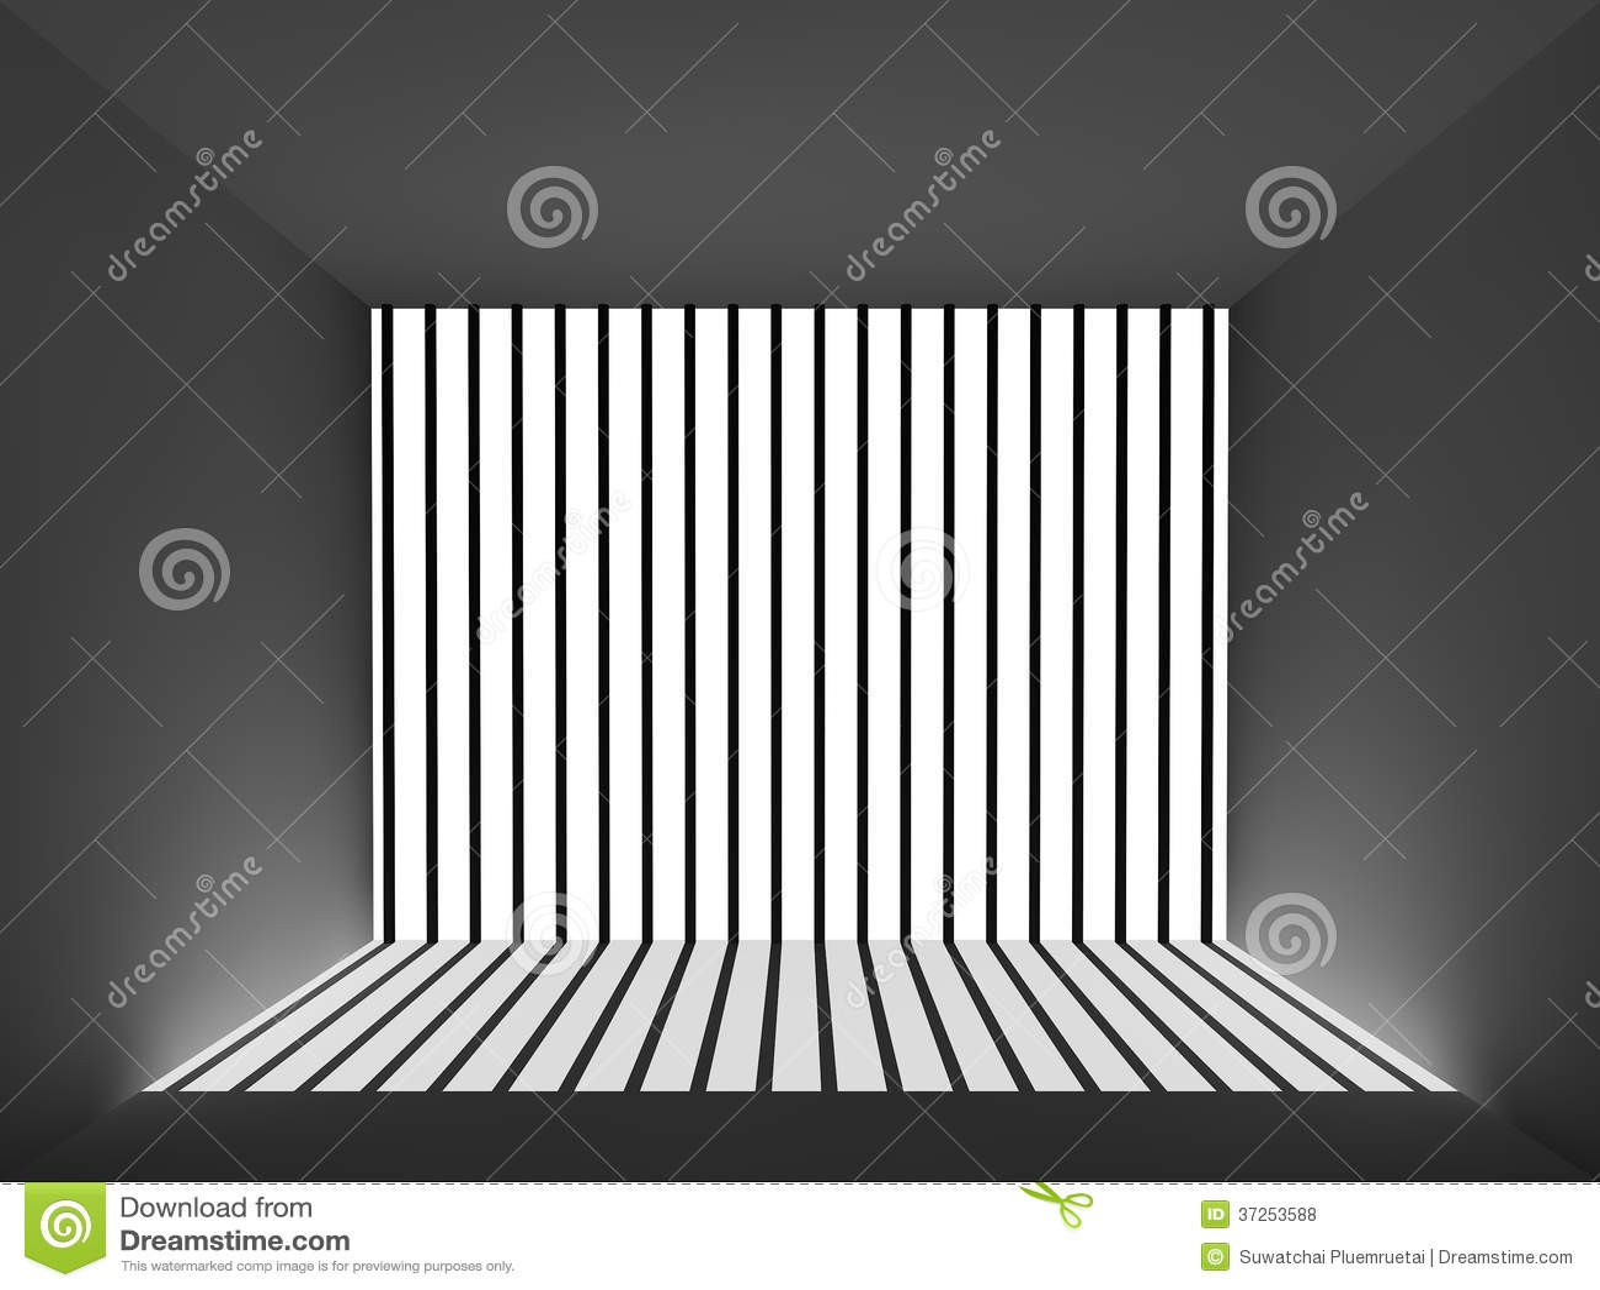 Licht und Schatten im Gefängnisraum